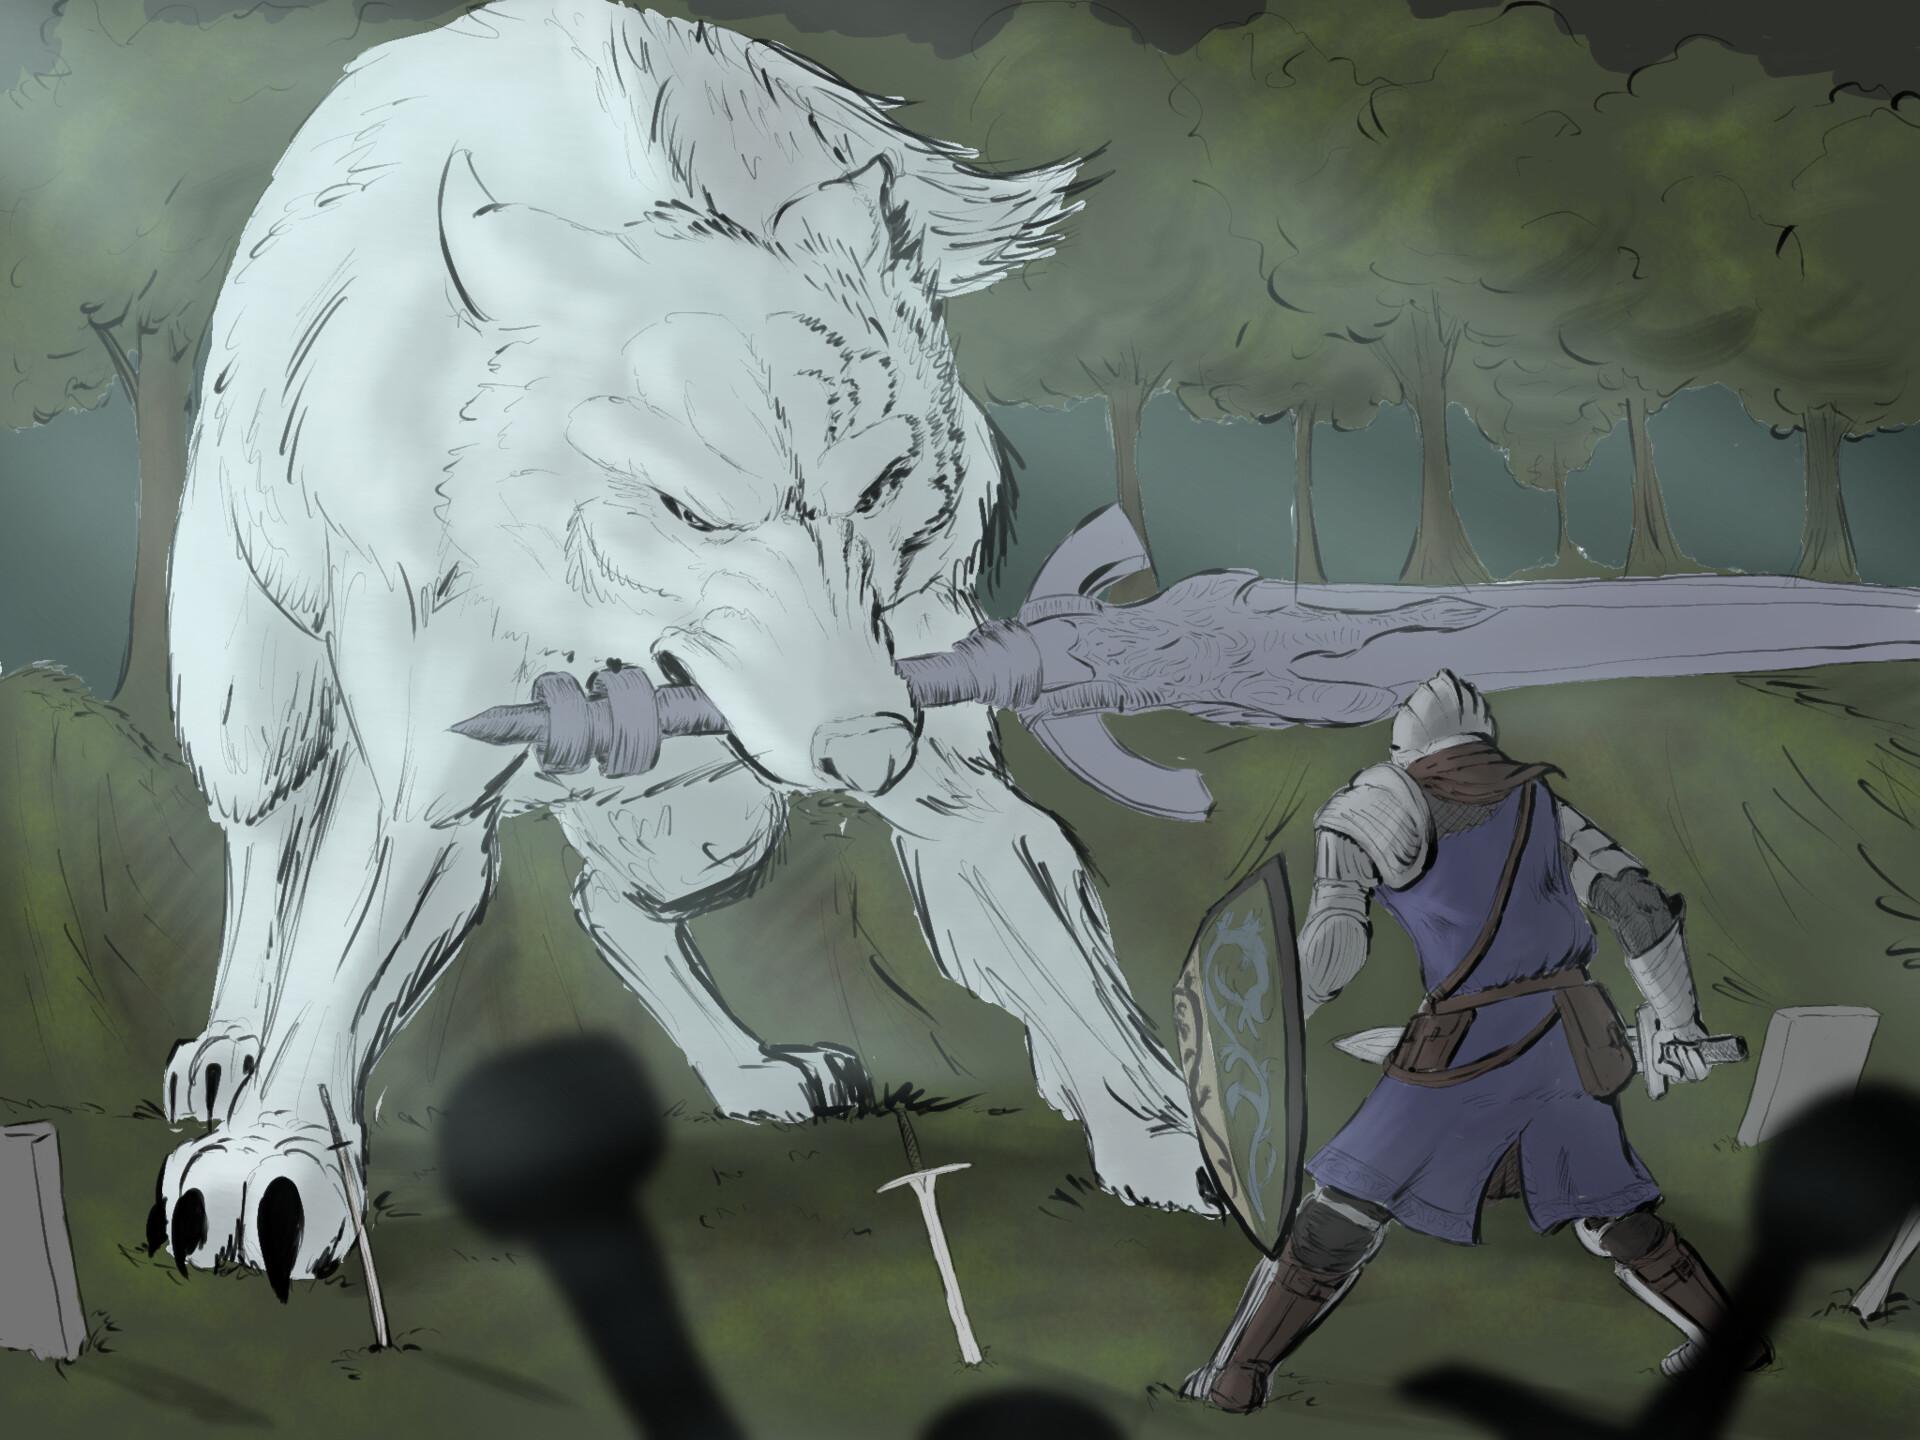 Artstation Fanart Of Dark Souls Boss Sif Great Grey Wolf